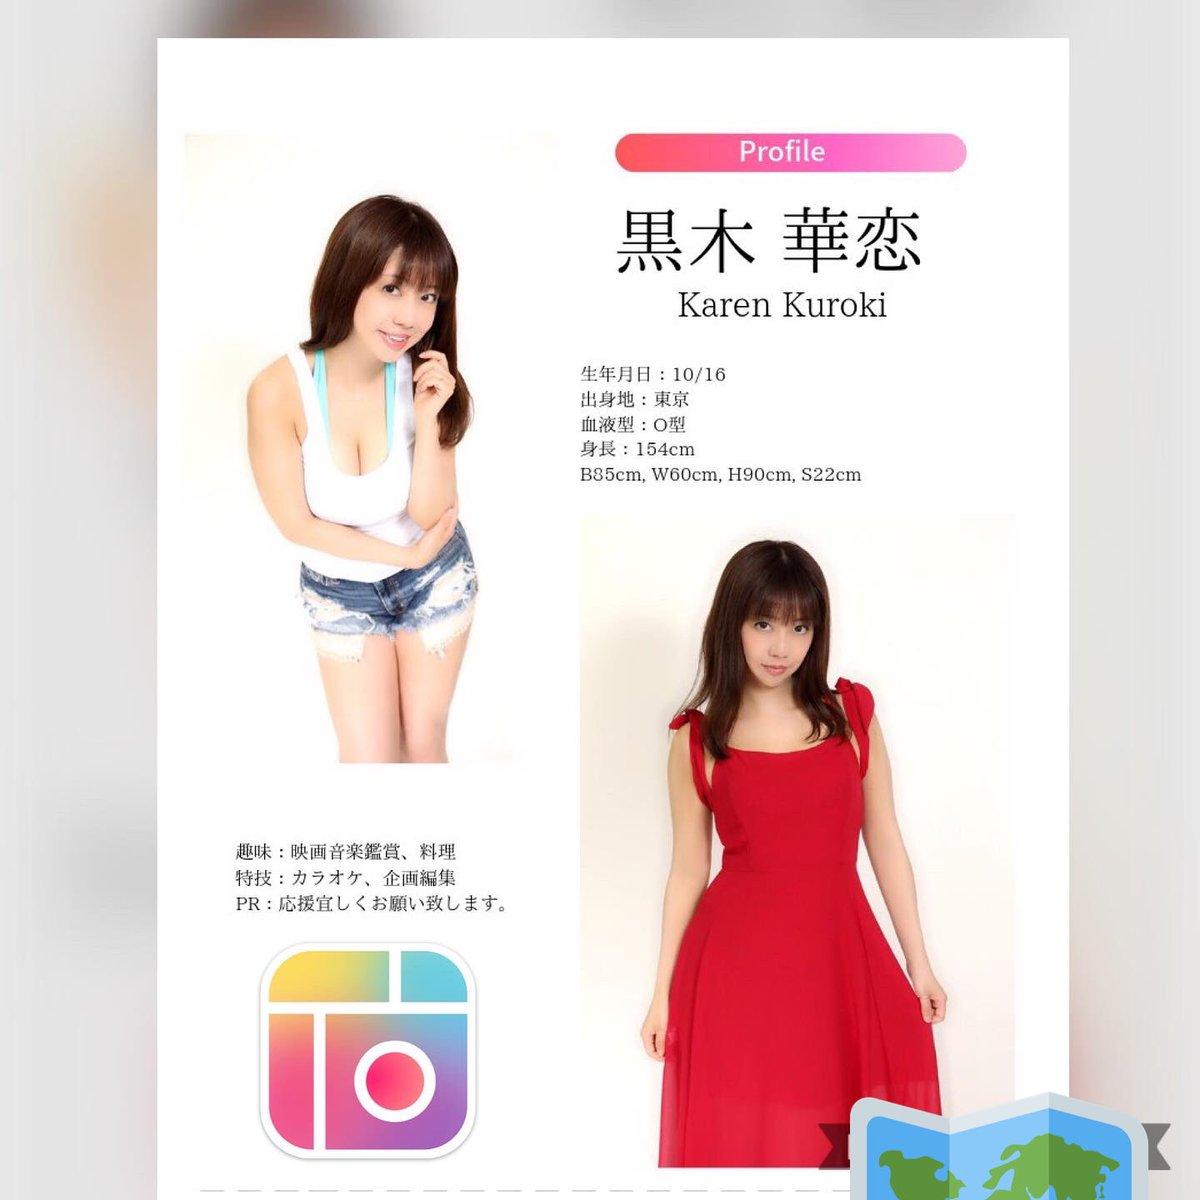 test ツイッターメディア - 黒木華恋◡̈︎*♚︎‧*˚✩︎‧₊˚ です💓Tweetはじめました♡♡ ♪︎*:*♪︎*:*♪︎*:*♪︎*:*♪︎*:*♪︎*:*♪︎*:*♪︎*:*♪︎❤︎❤︎ #collage #画像 #profile https://t.co/uYtCMHsG0G